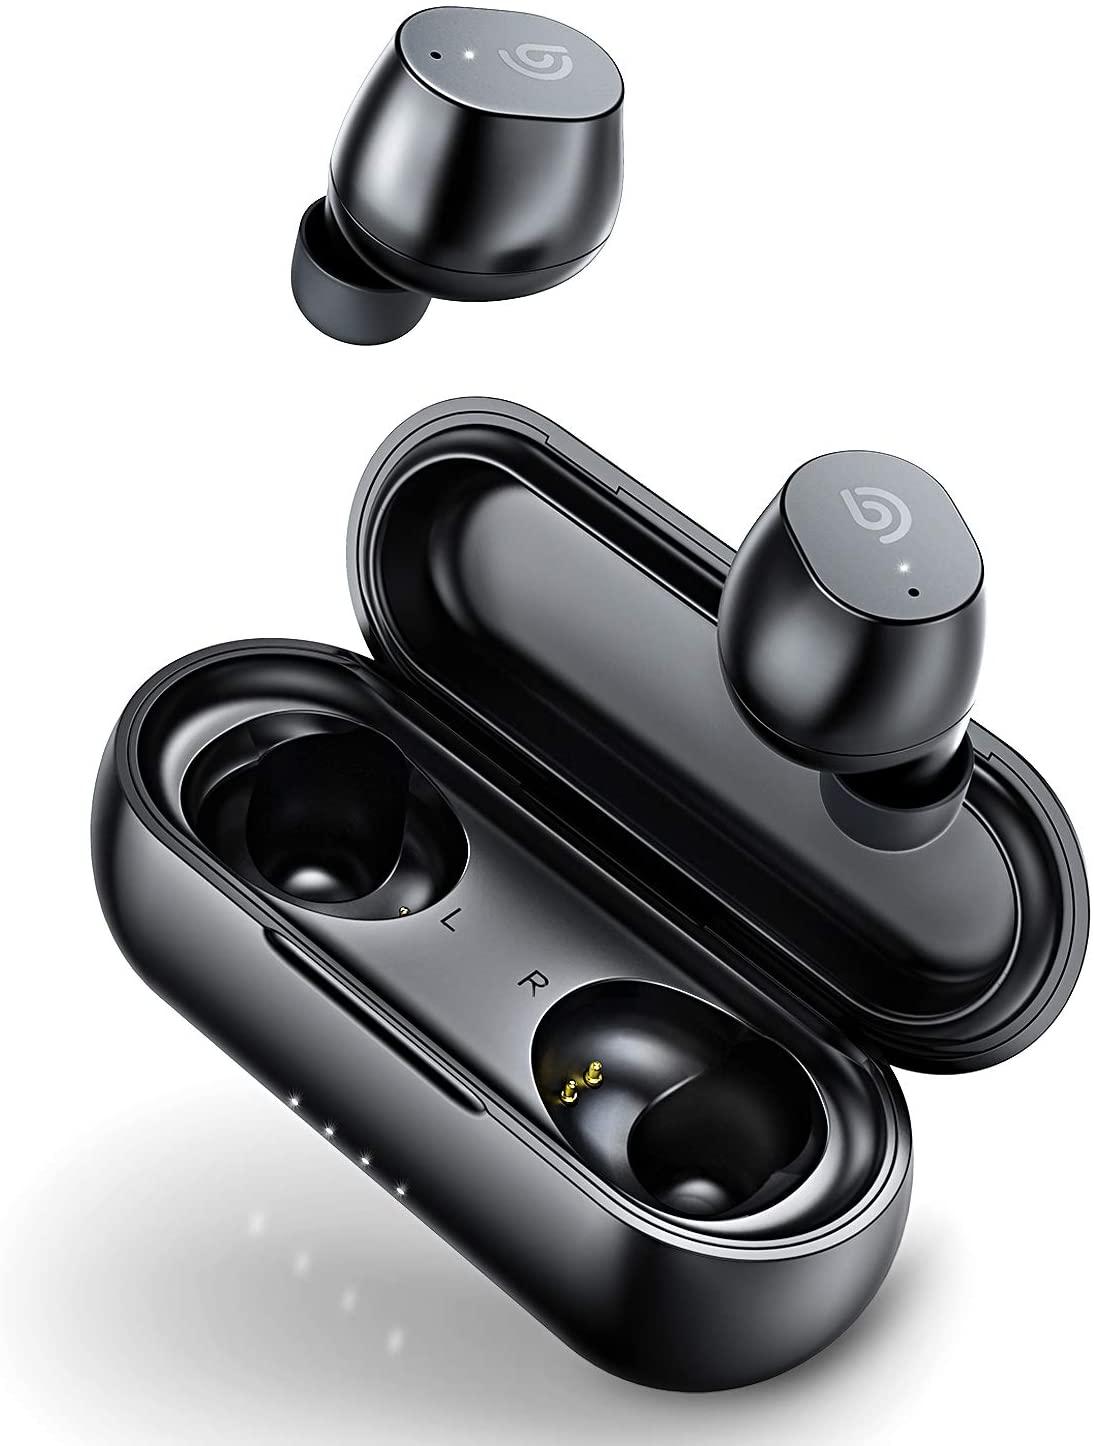 Écouteurs intra-auriculaires sans-fil BoMaker Sifi 2 - Bluetooth 5.0, étanche IPX7 (vendeur tiers)